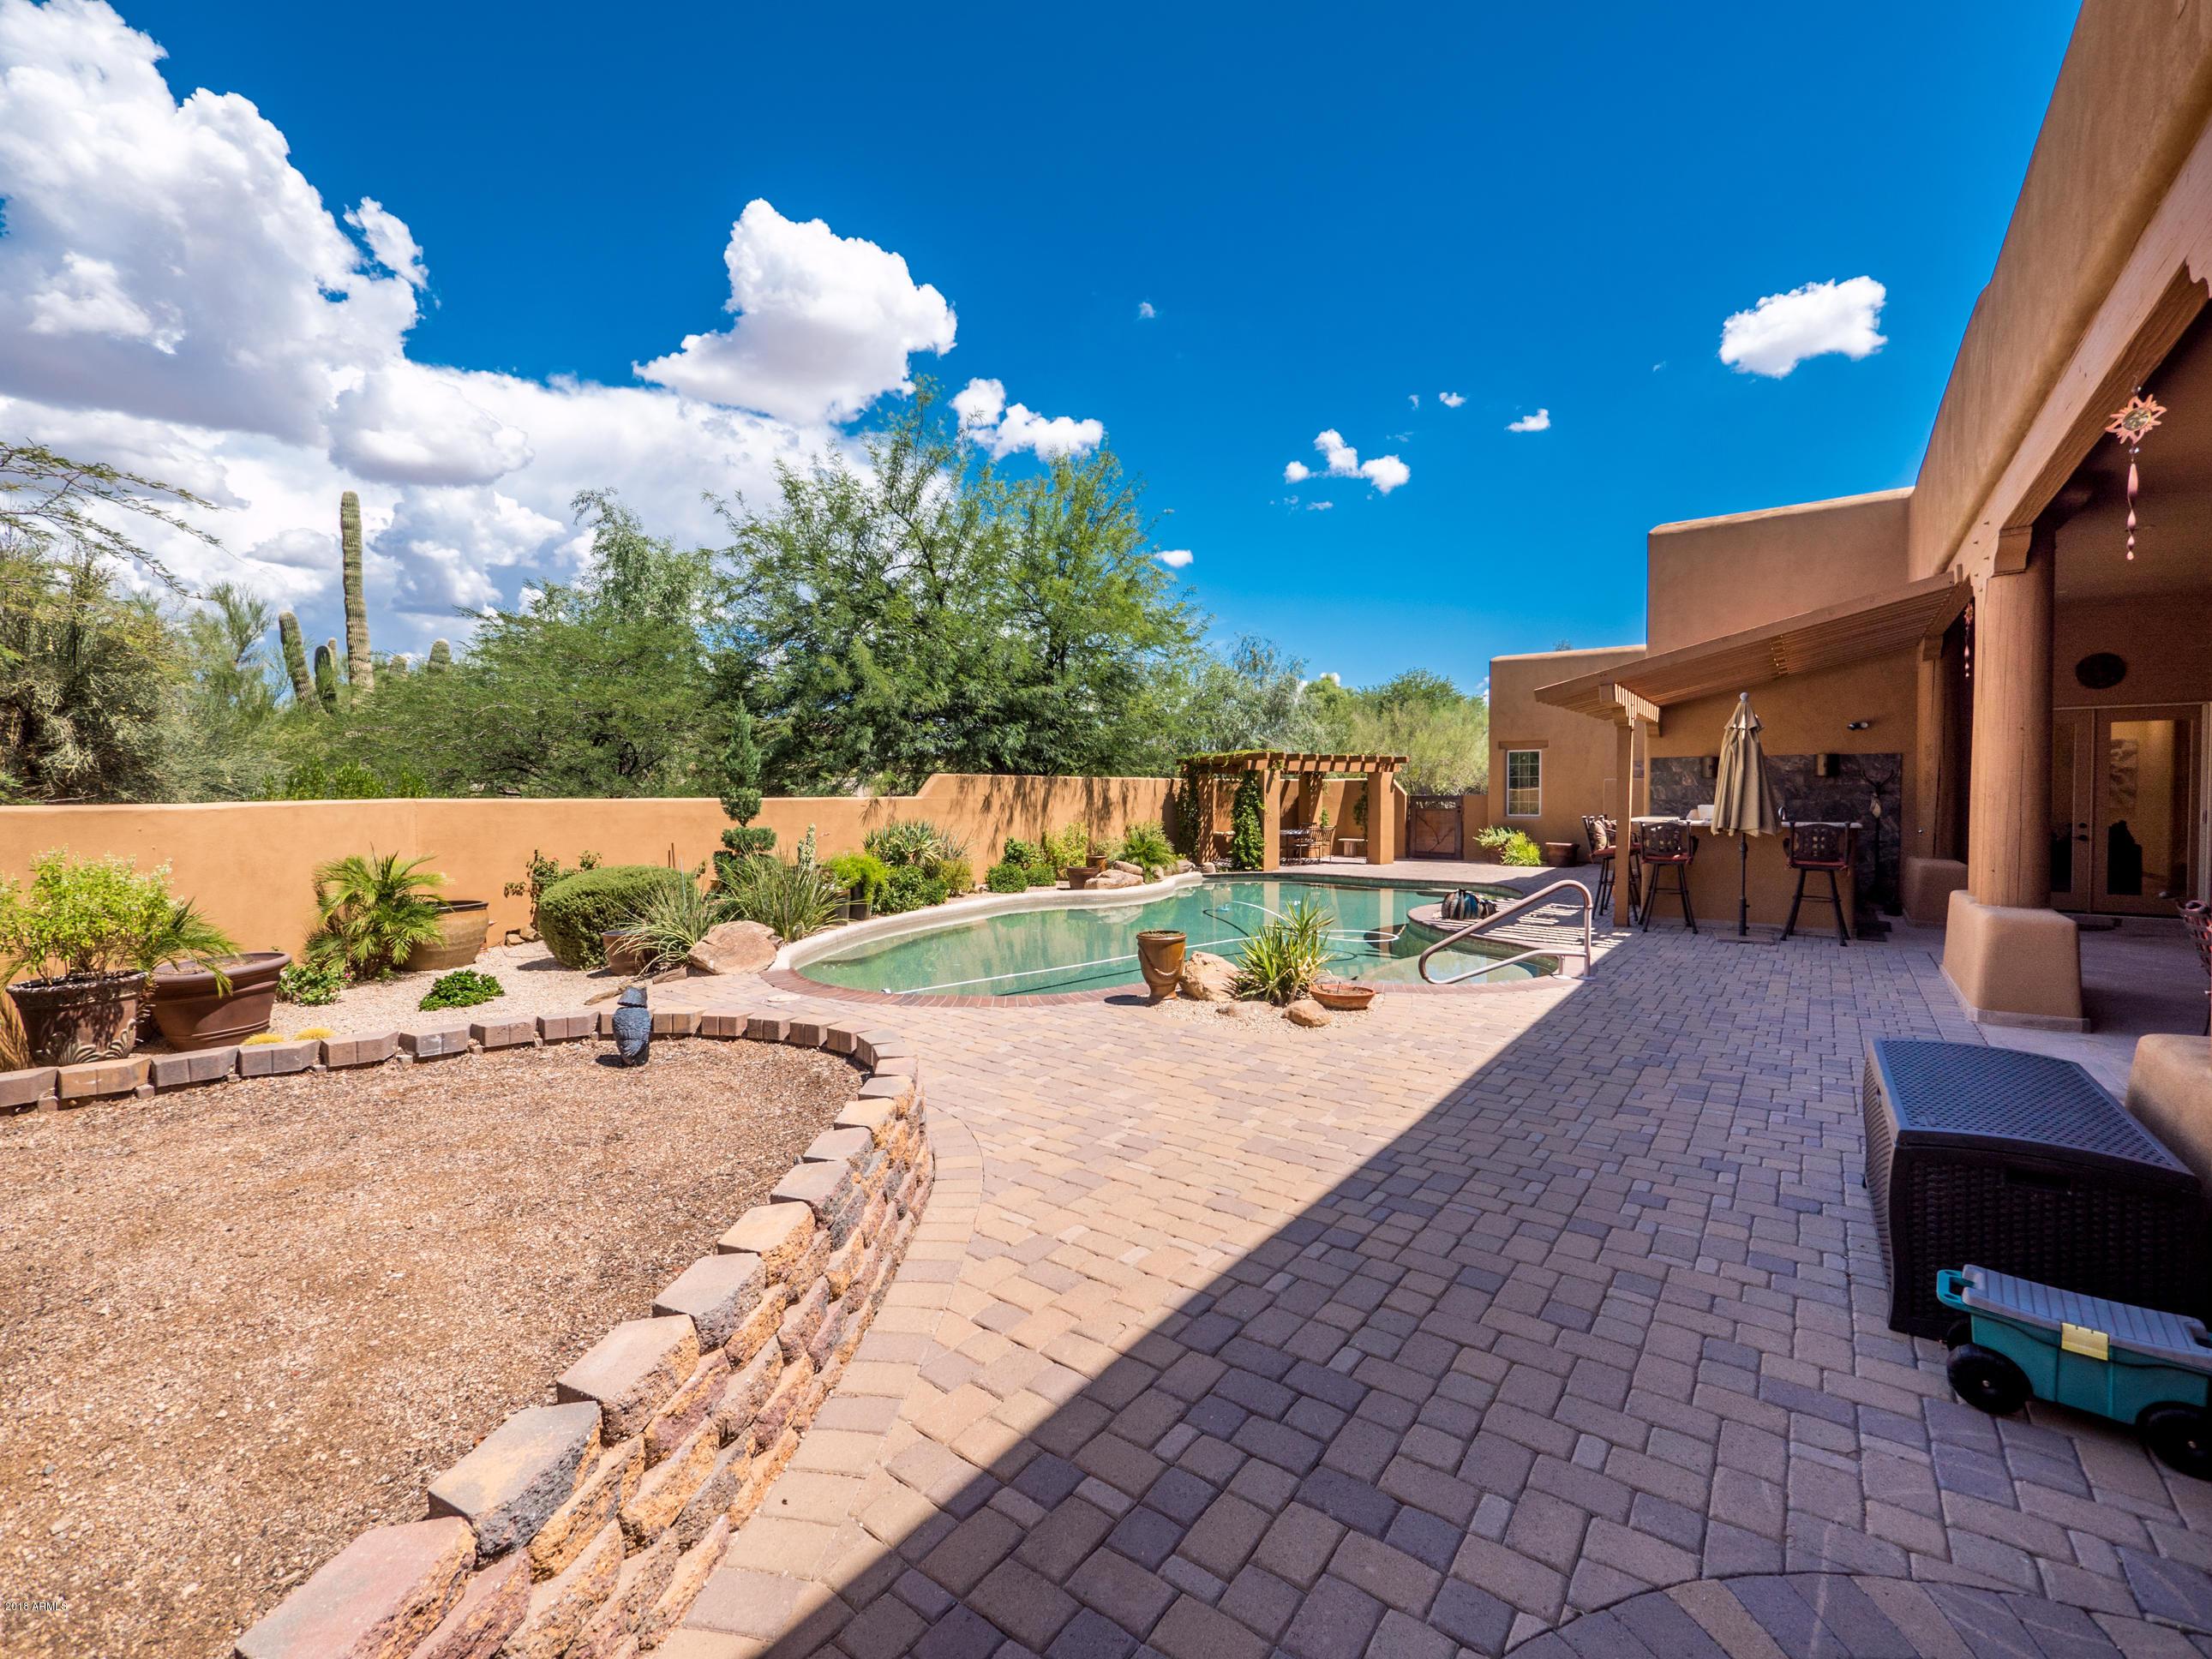 MLS 5818702 8300 E DIXILETA Drive Unit 298, Scottsdale, AZ 85266 Scottsdale AZ Sincuidados